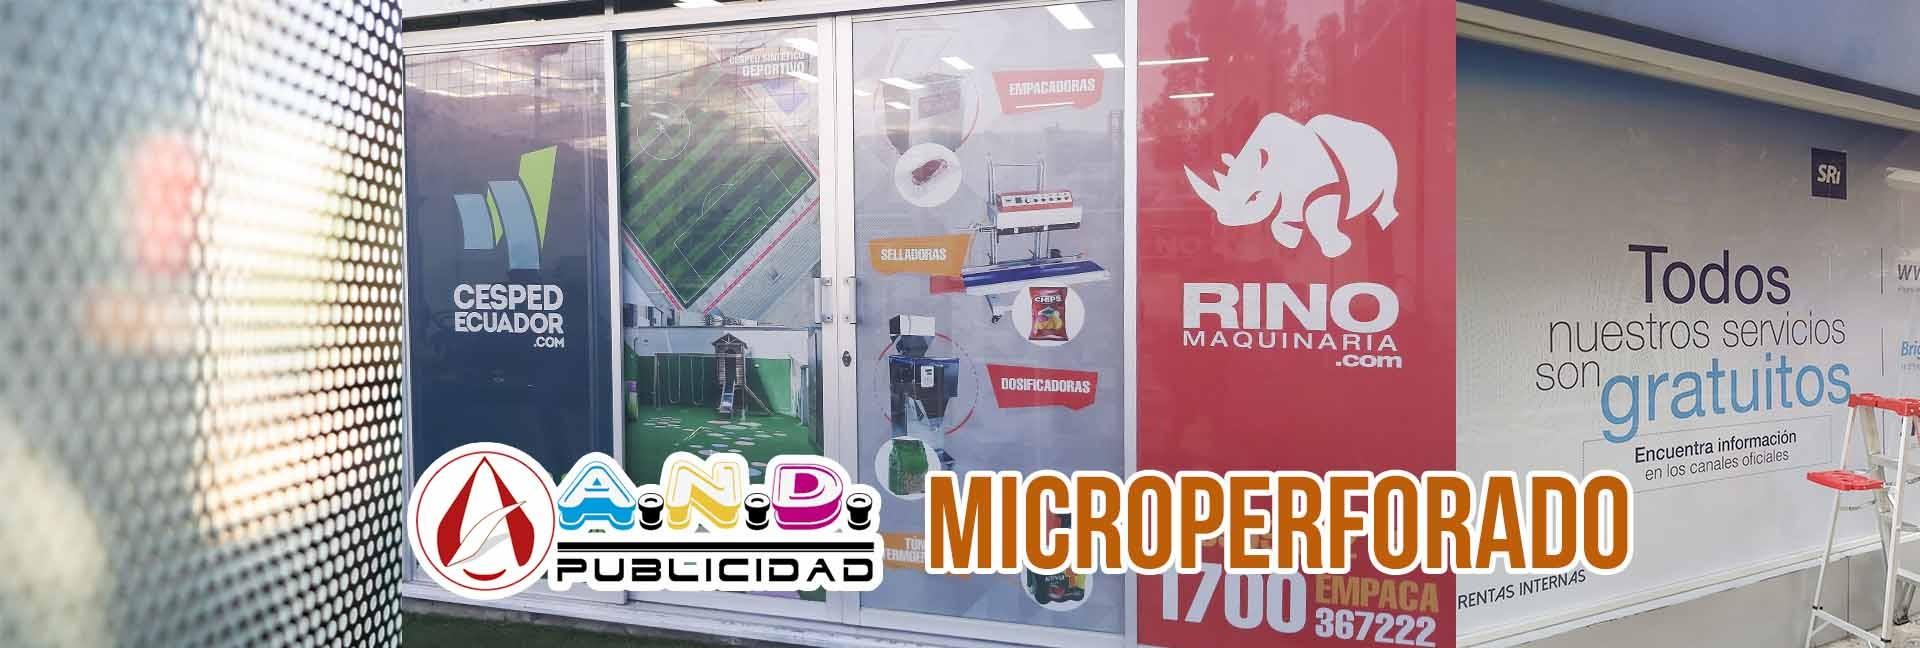 Decora tus espacios con microperforado